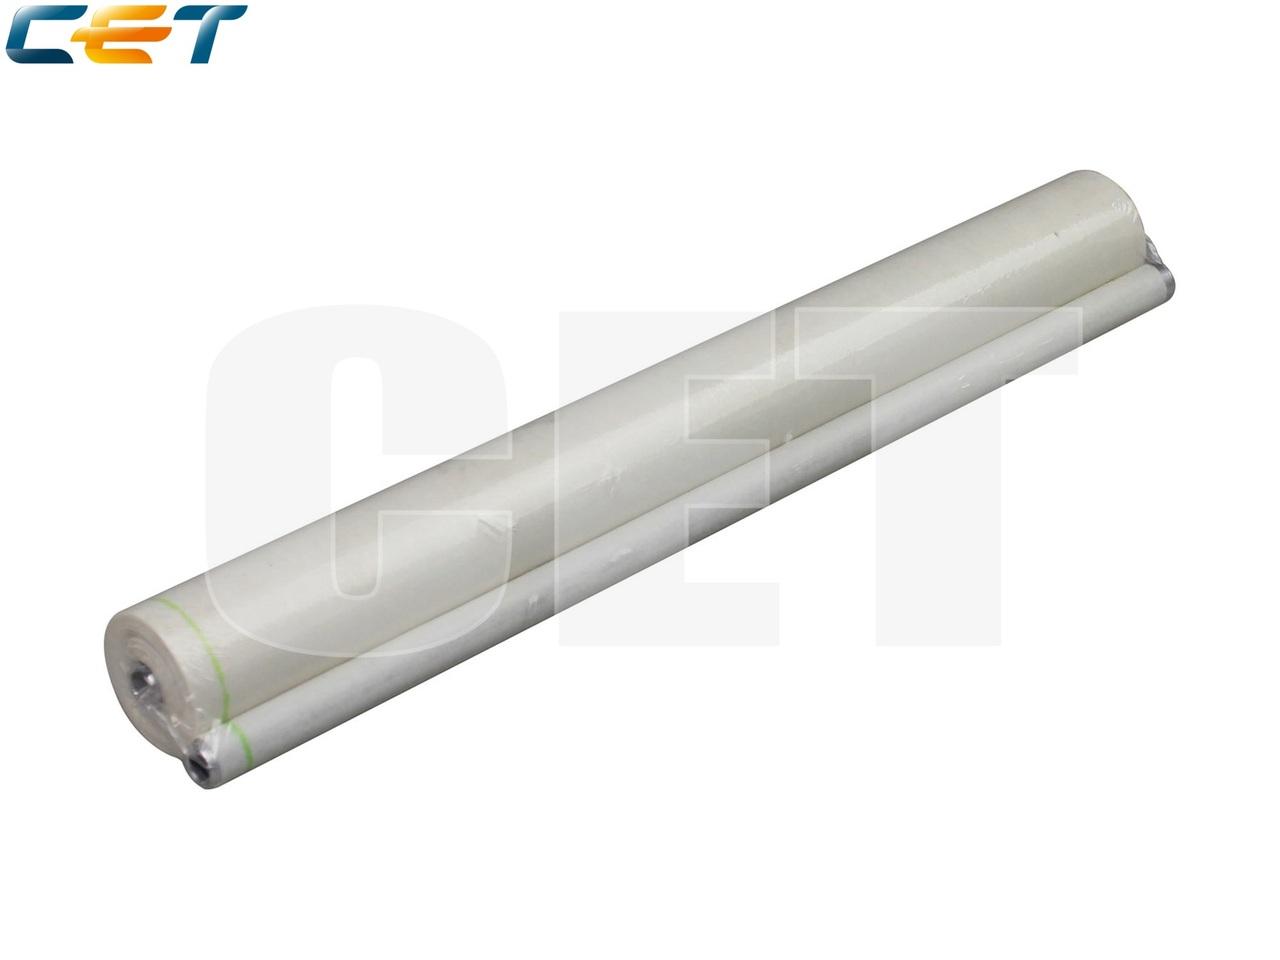 Чистящая лента фьюзера FC5-2286-000 для CANON iRADVANCE 8085/8095/8105/8205/8285/8295 (CET), CET4108